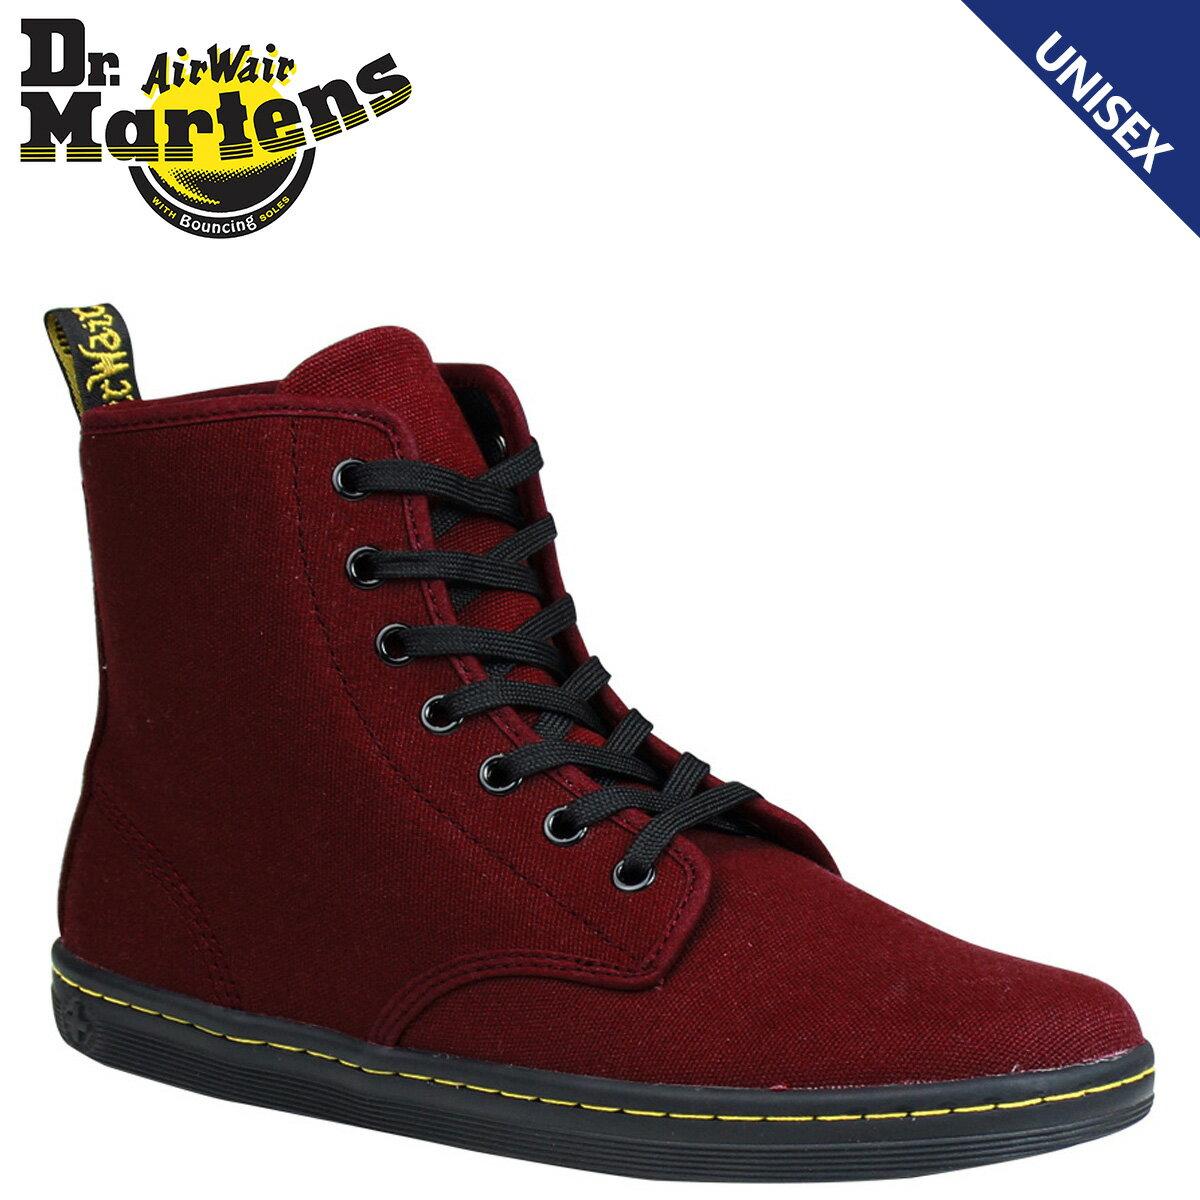 ドクターマーチン 7ホール メンズ レディース Dr.Martens ブーツ SHOREDITCH R13524603 【S10】【返品不可】